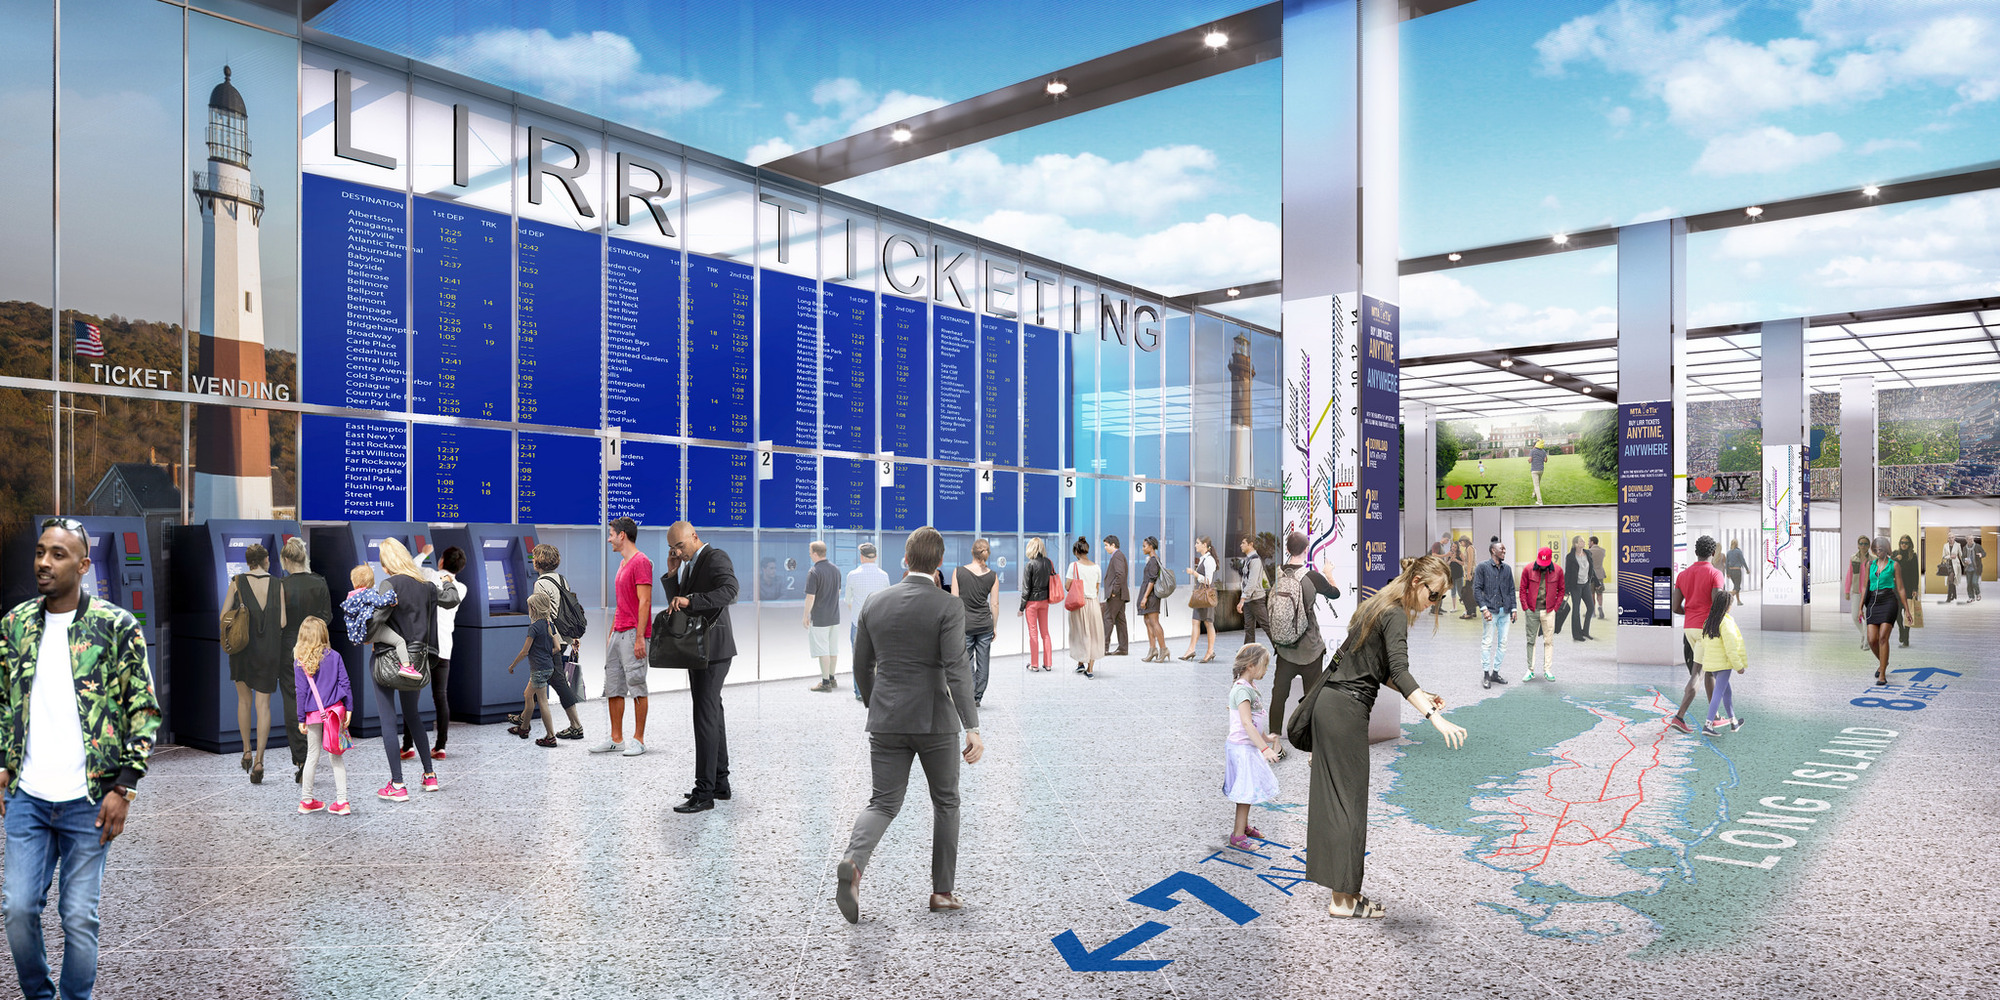 Возведение вокзала станет частью масштабной программы обновления транспортной инфраструктуры Нью-Йорка: врамках этой программы правительство инвестирует $26 млрд вразвитие общественного транспорта, пишет издание Observer